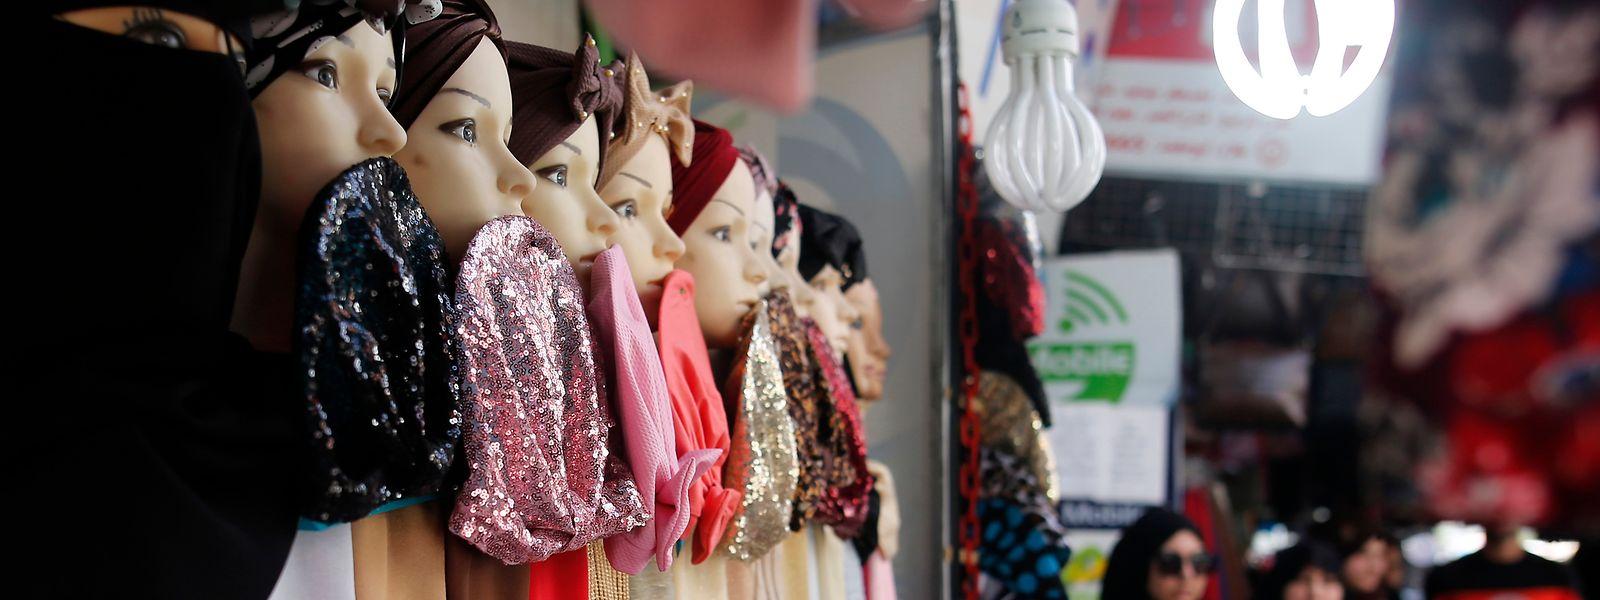 Dans une boutique de vêtements à Gaza.